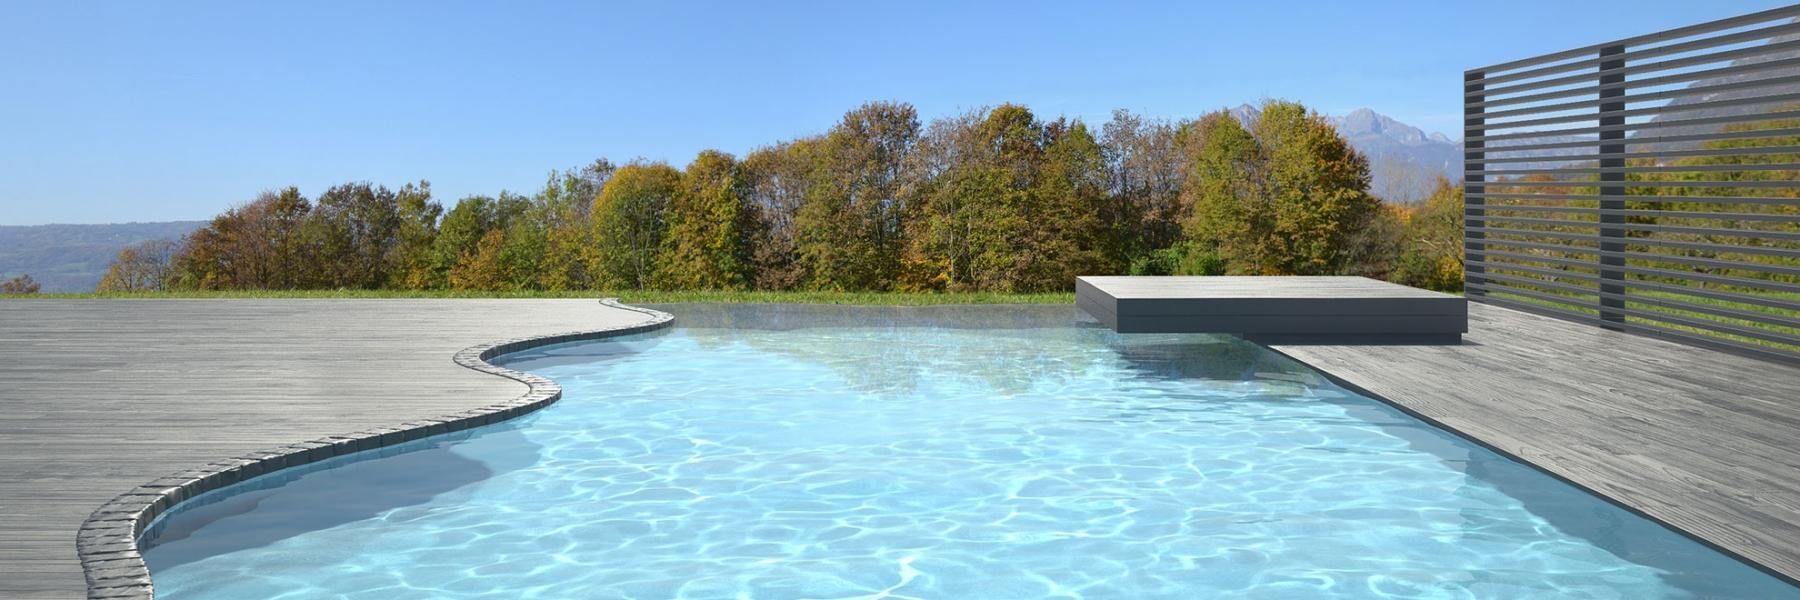 Piscine béton armé toutes les formes et dimensions | Aquafeat